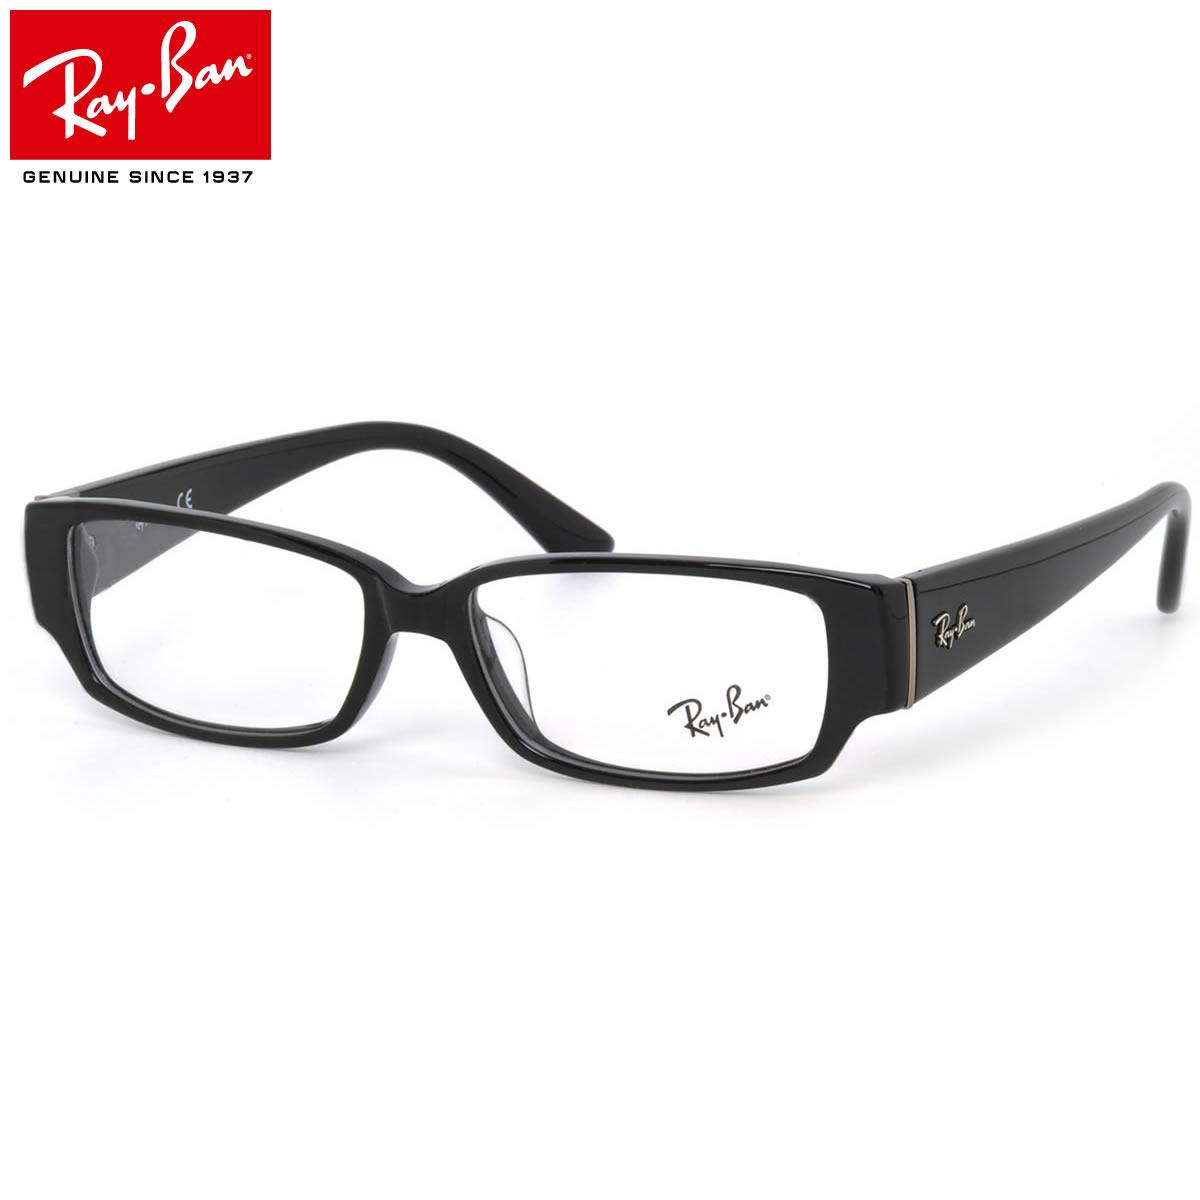 ほぼ全品ポイント15倍〜最大34倍+3倍 レイバン メガネ フレーム Ray-Ban RX5250 5114 54サイズ 伊達メガネ フレーム 度付き レイバン RAYBAN メンズ レディース